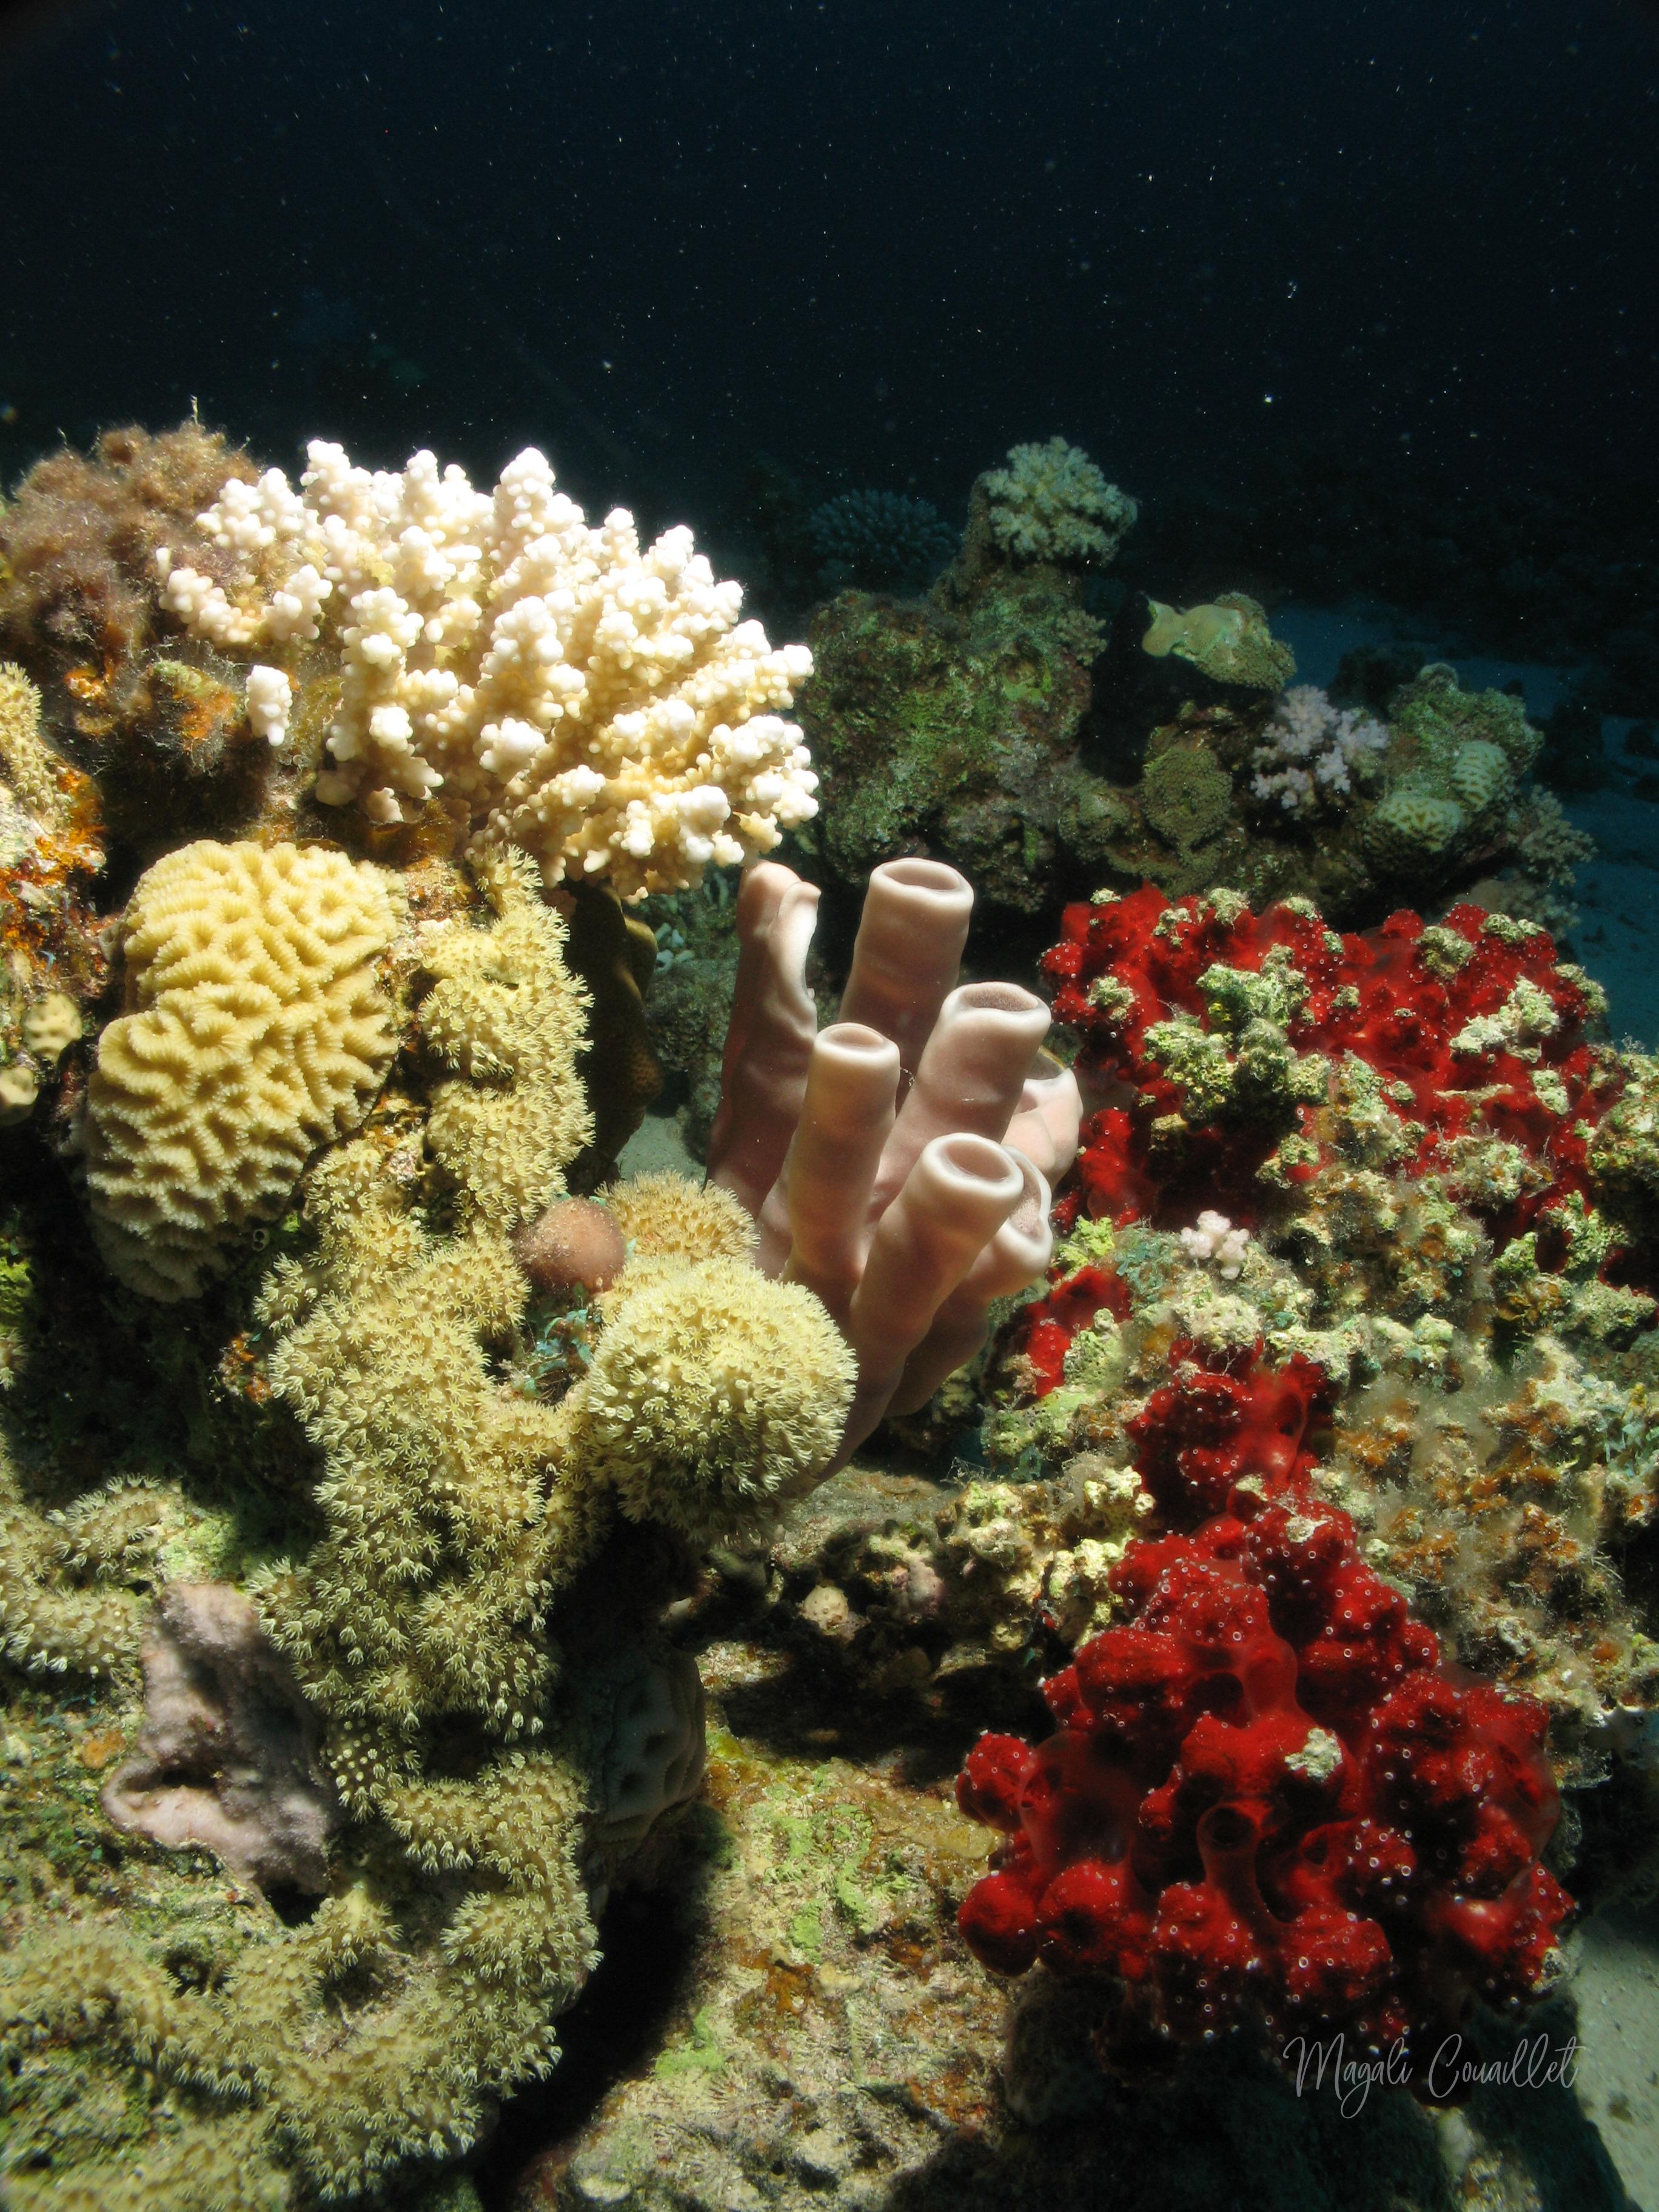 Récif Corallien - Coral reef